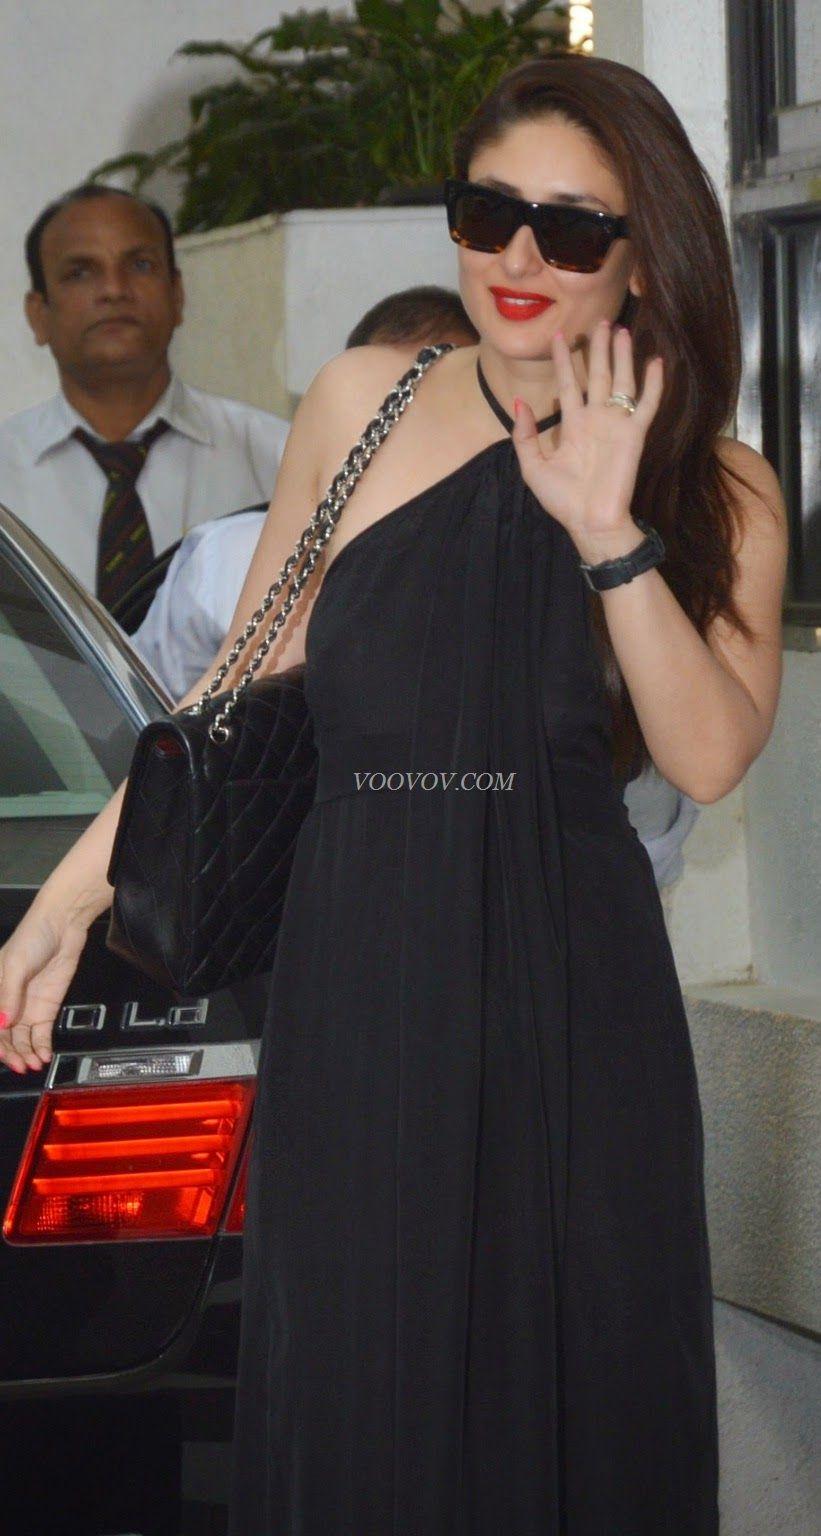 Kareena Kapoor Hot Stills Shashi Kapoor Christmas Party Bollywood Actress Hot Shashi Kapoor Kareena Kapoor